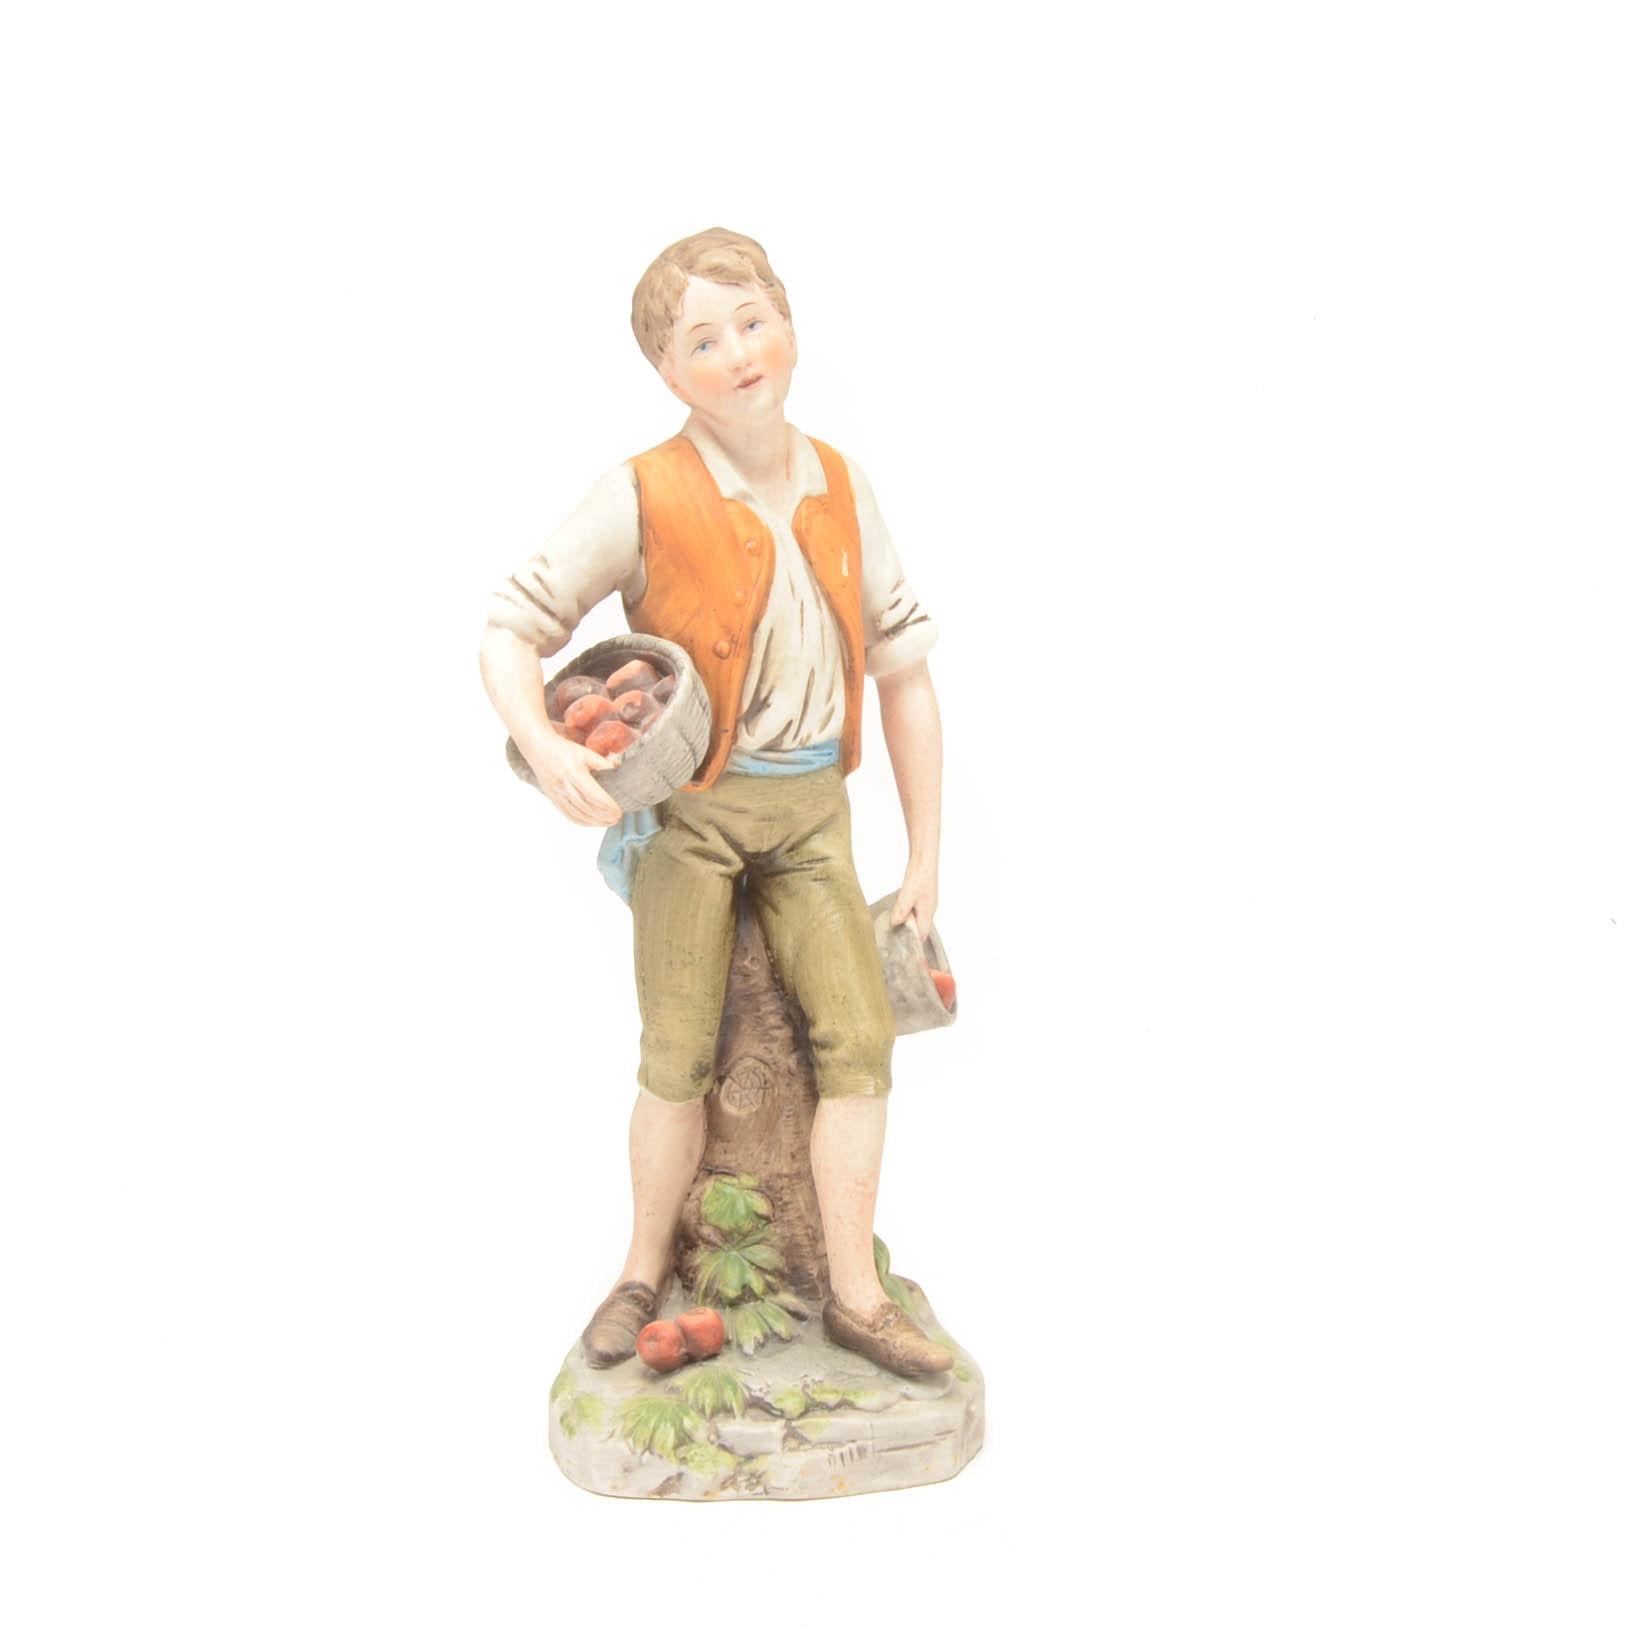 Vintage Ceramic Farmer Figurine by Homco